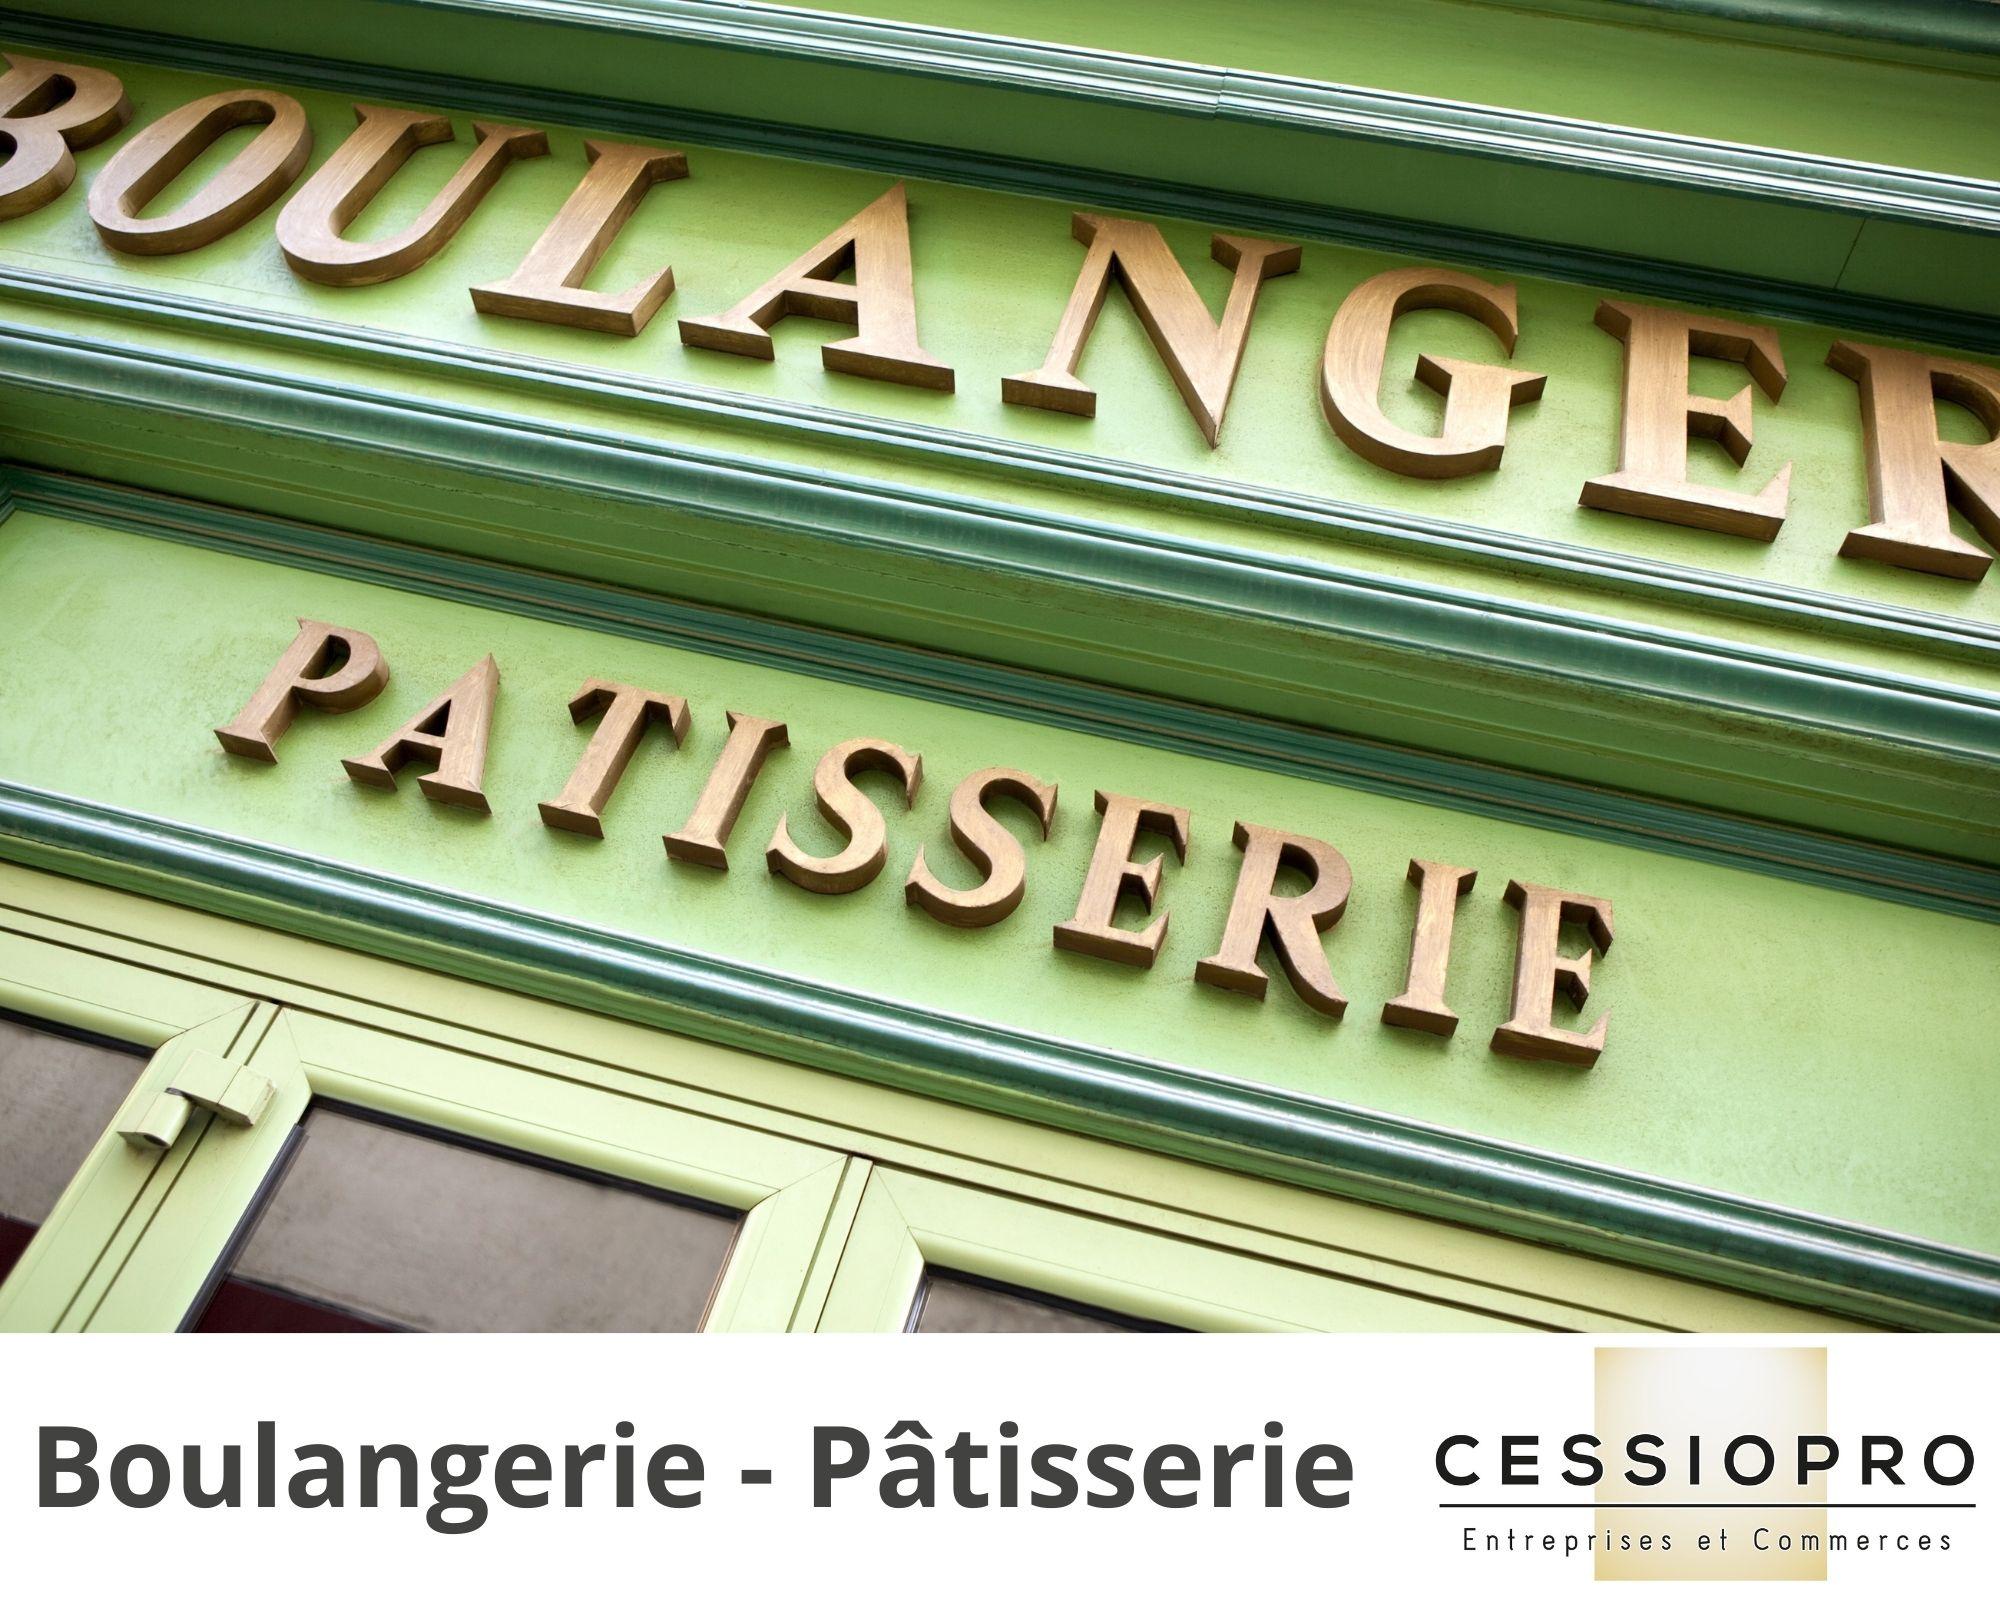 Boulangerie-Pâtisserie Golfe de Saint-Tropez  - Boulangerie Pâtisserie